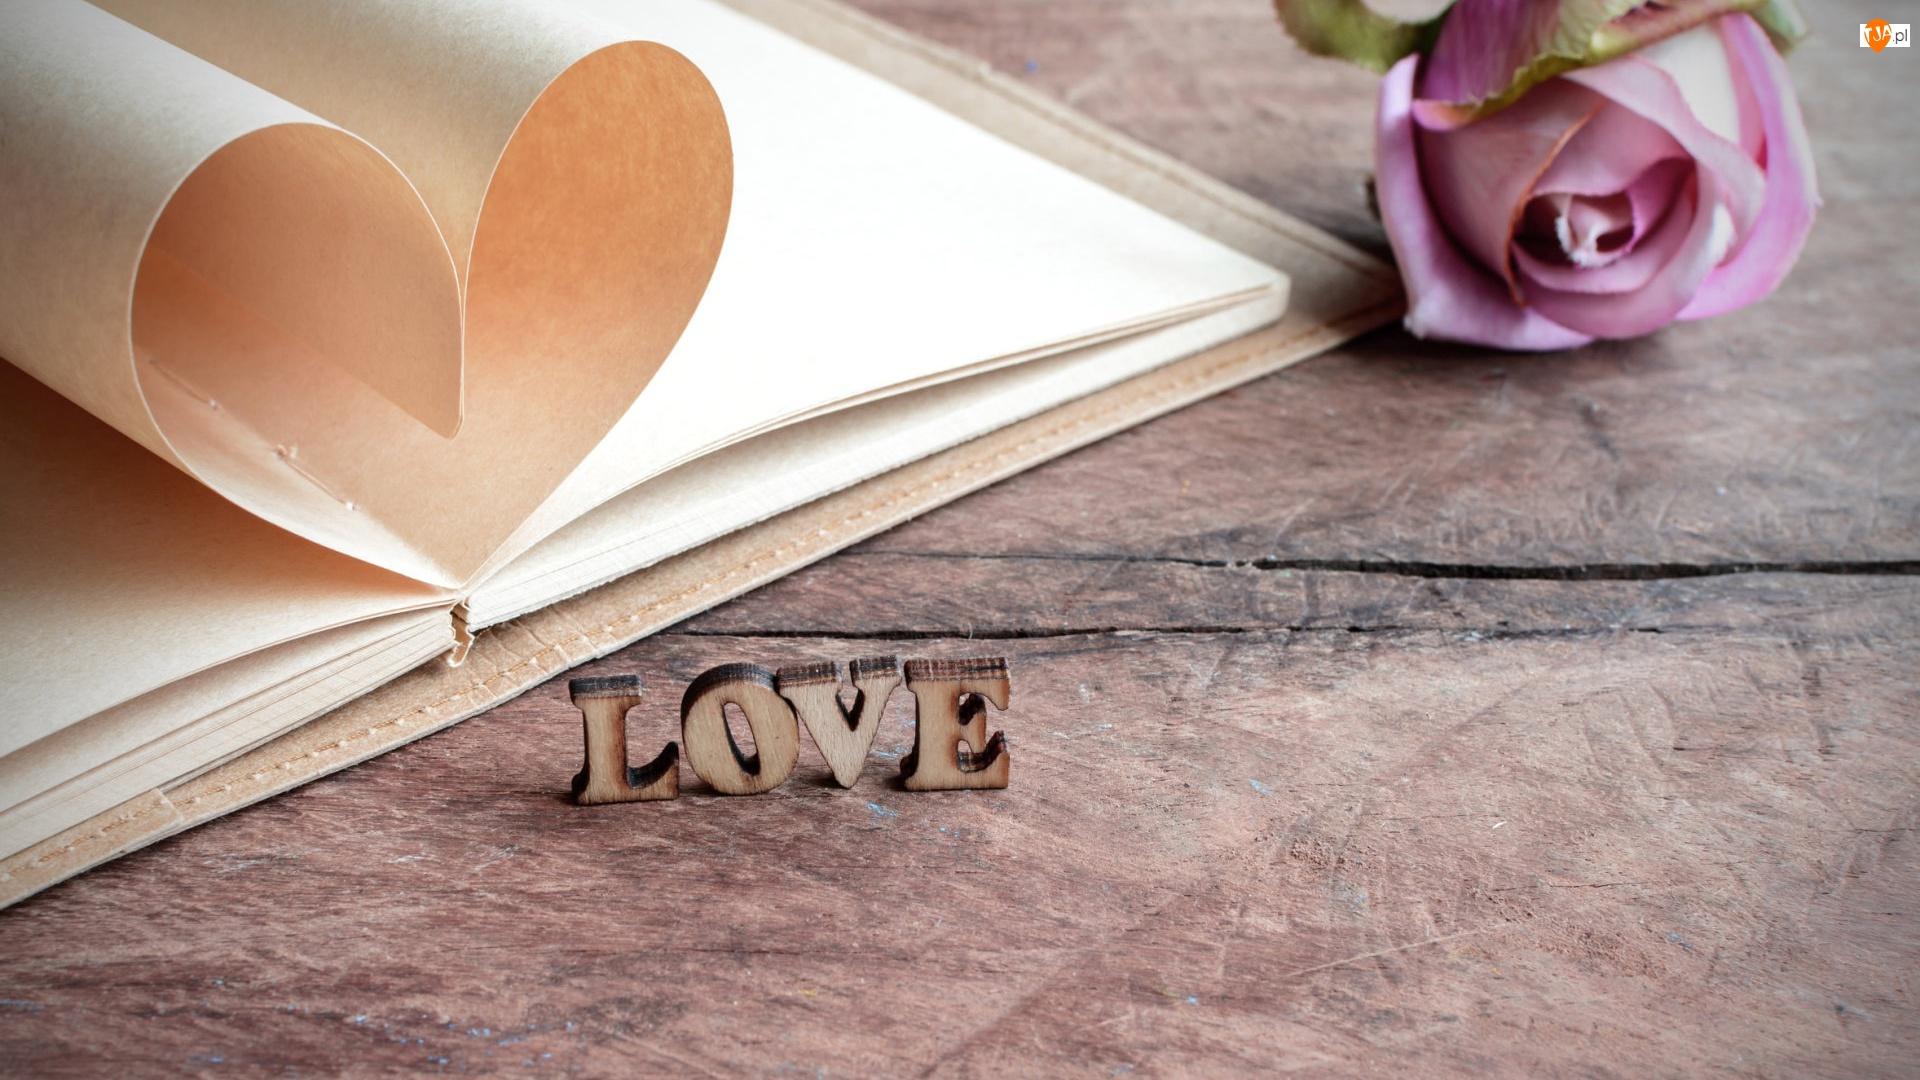 Drewniane, Love, Róża, Brulion, Kompozycja, Drewniany, Litery, Walentynki, Serce, Napis, Blat